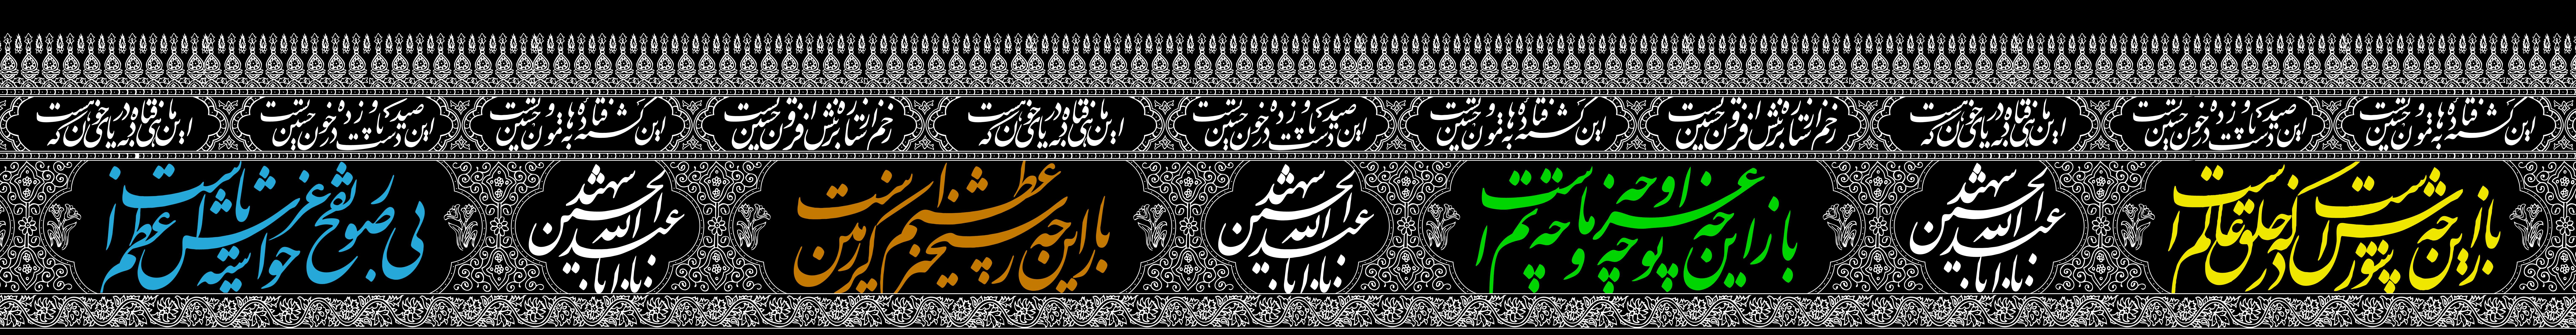 دانلود برنامه امضا با ترکیب اسم فامیل Rasekhoon : calligraphy